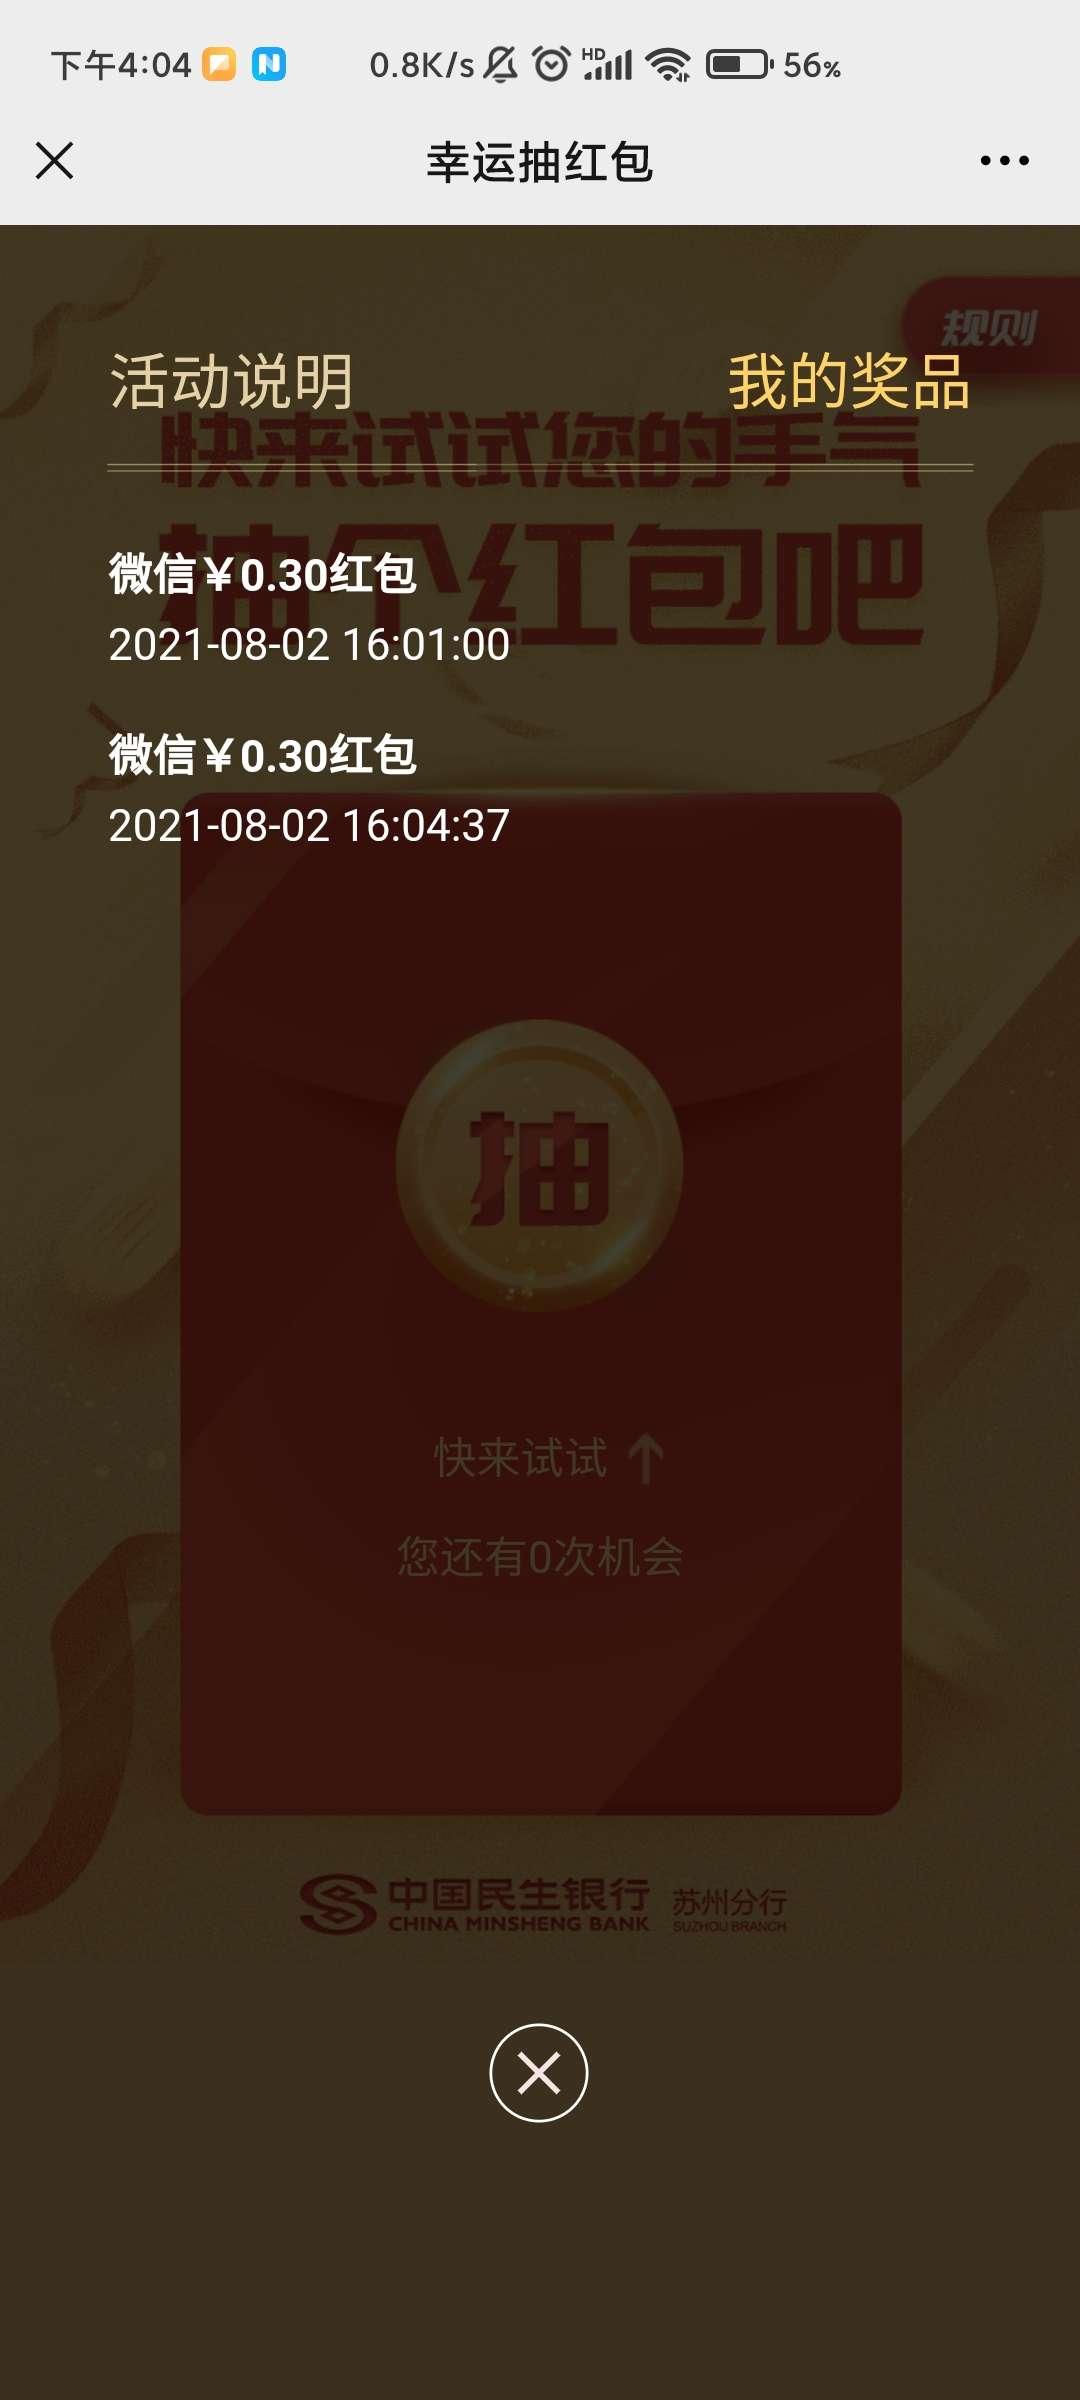 【现金红包】民生银行苏州分行领红包插图